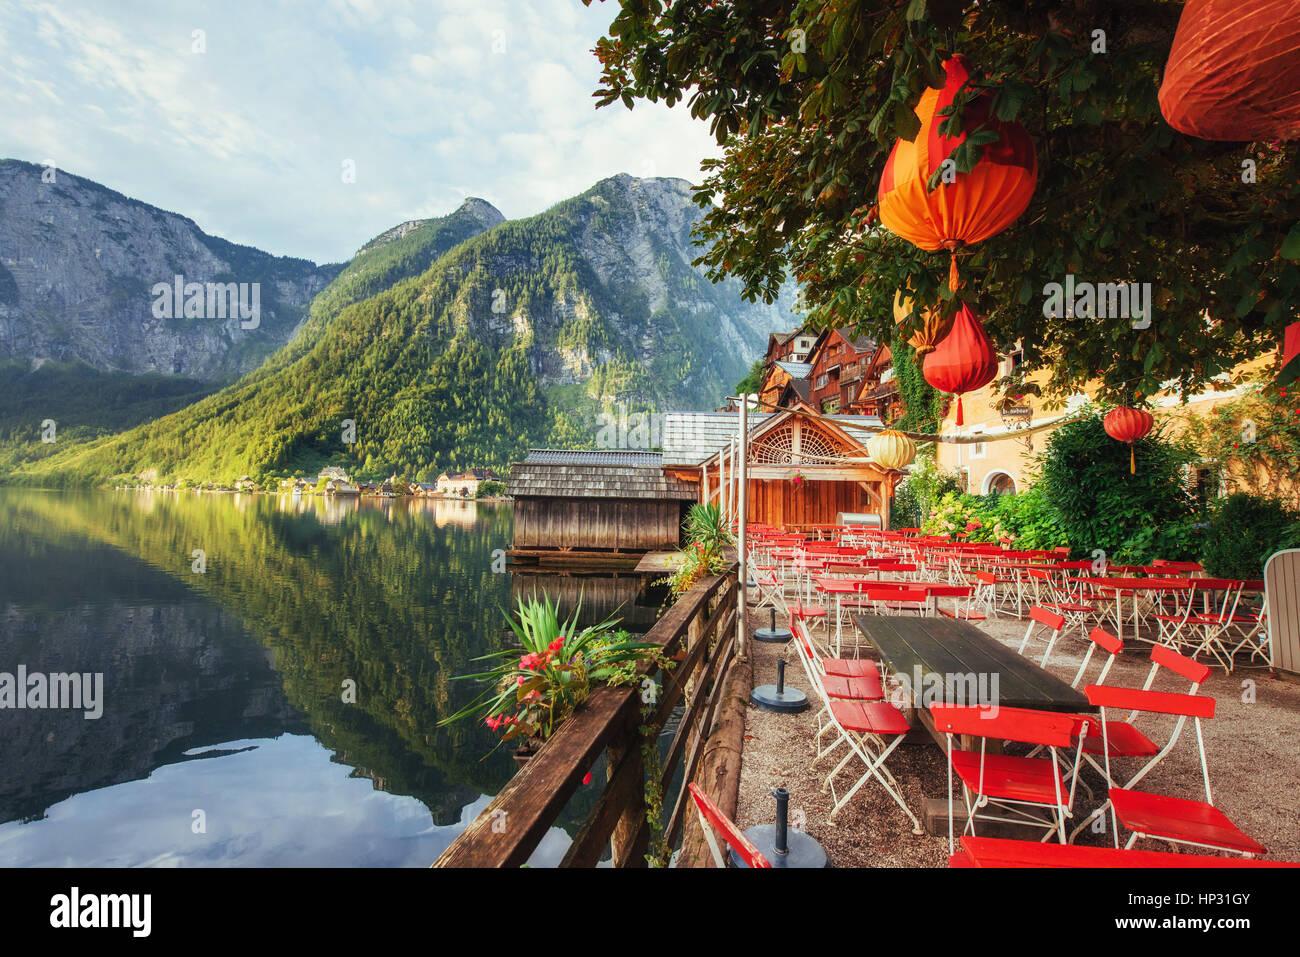 Estate cafe sul bellissimo lago tra le montagne. Alpi. Padiglioni Immagini Stock